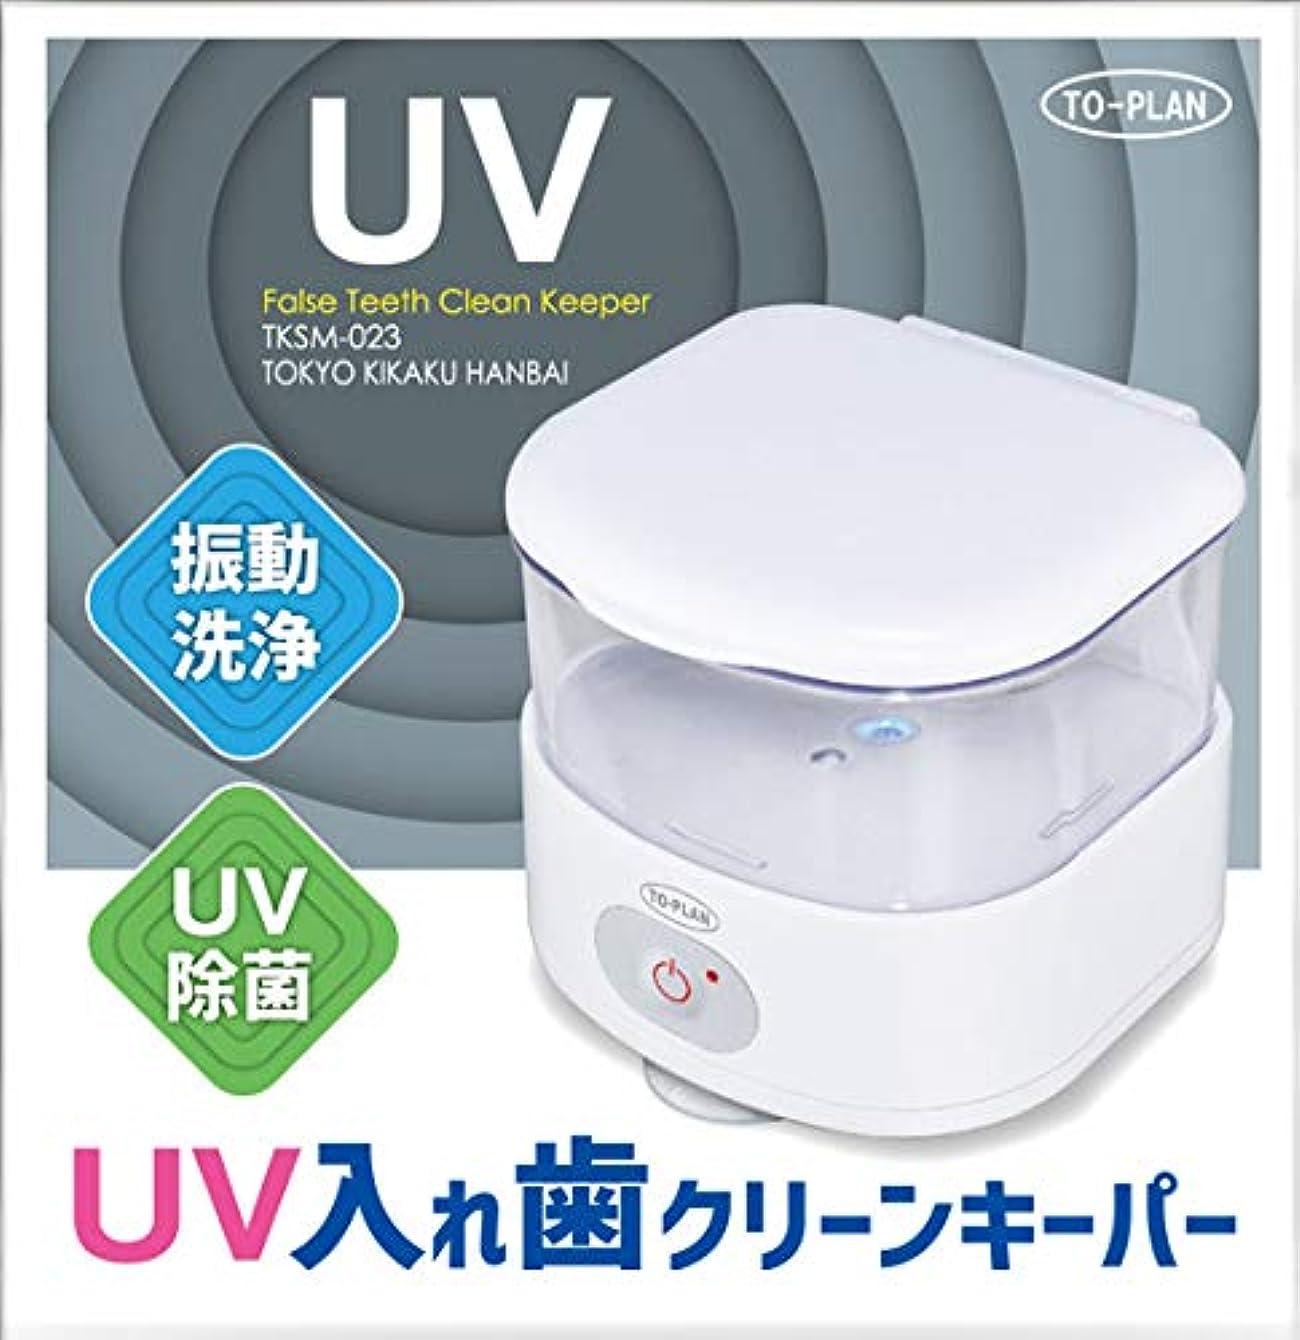 平方レオナルドダ推測するTO-PLAN(トプラン) UV入れ歯クリーン?キーパー